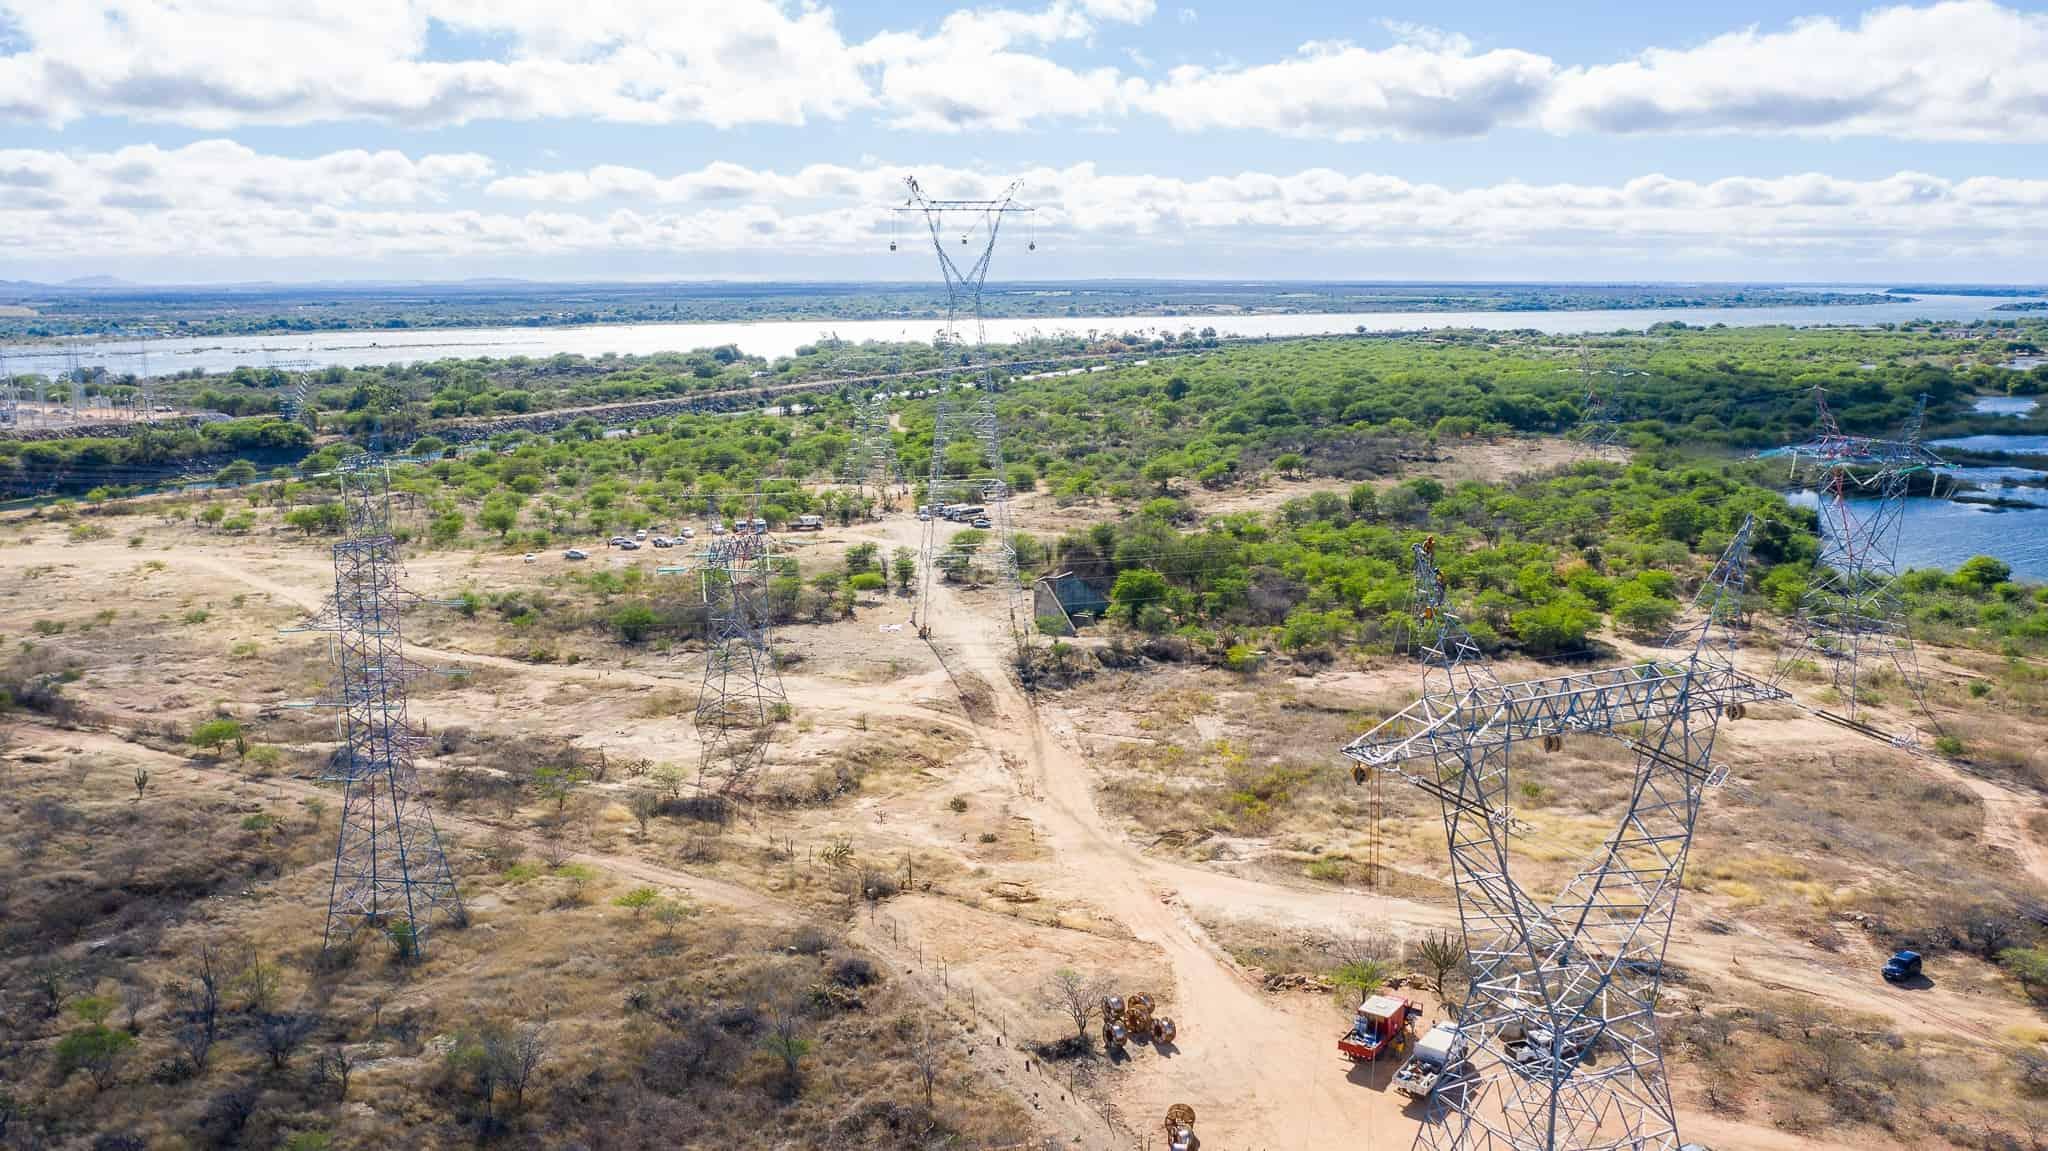 Lançamento de Cabos com Drones - Foto 16